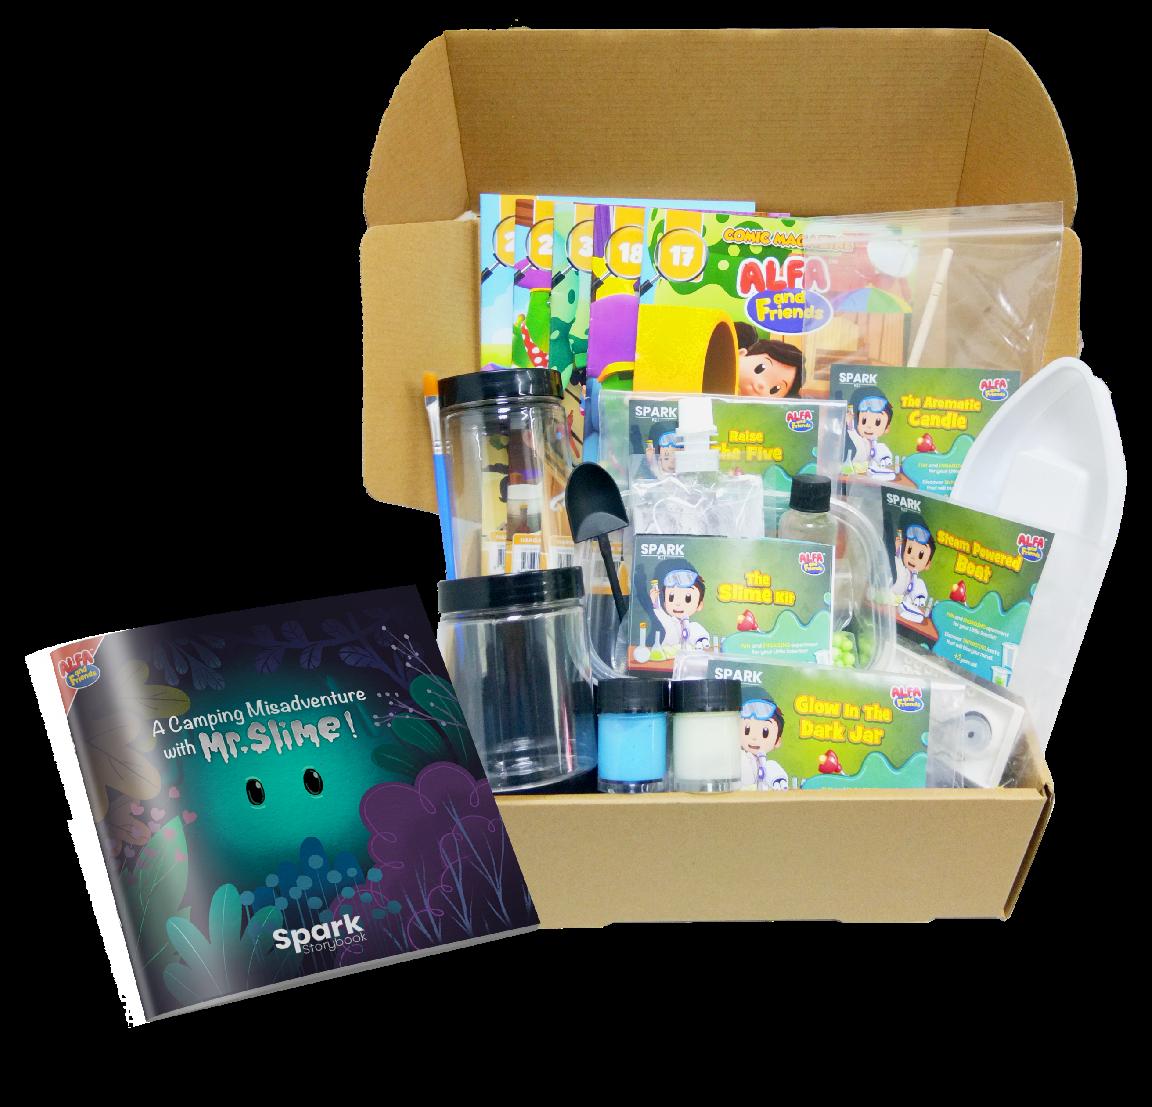 Storybook for Kids | ALFAandFriends